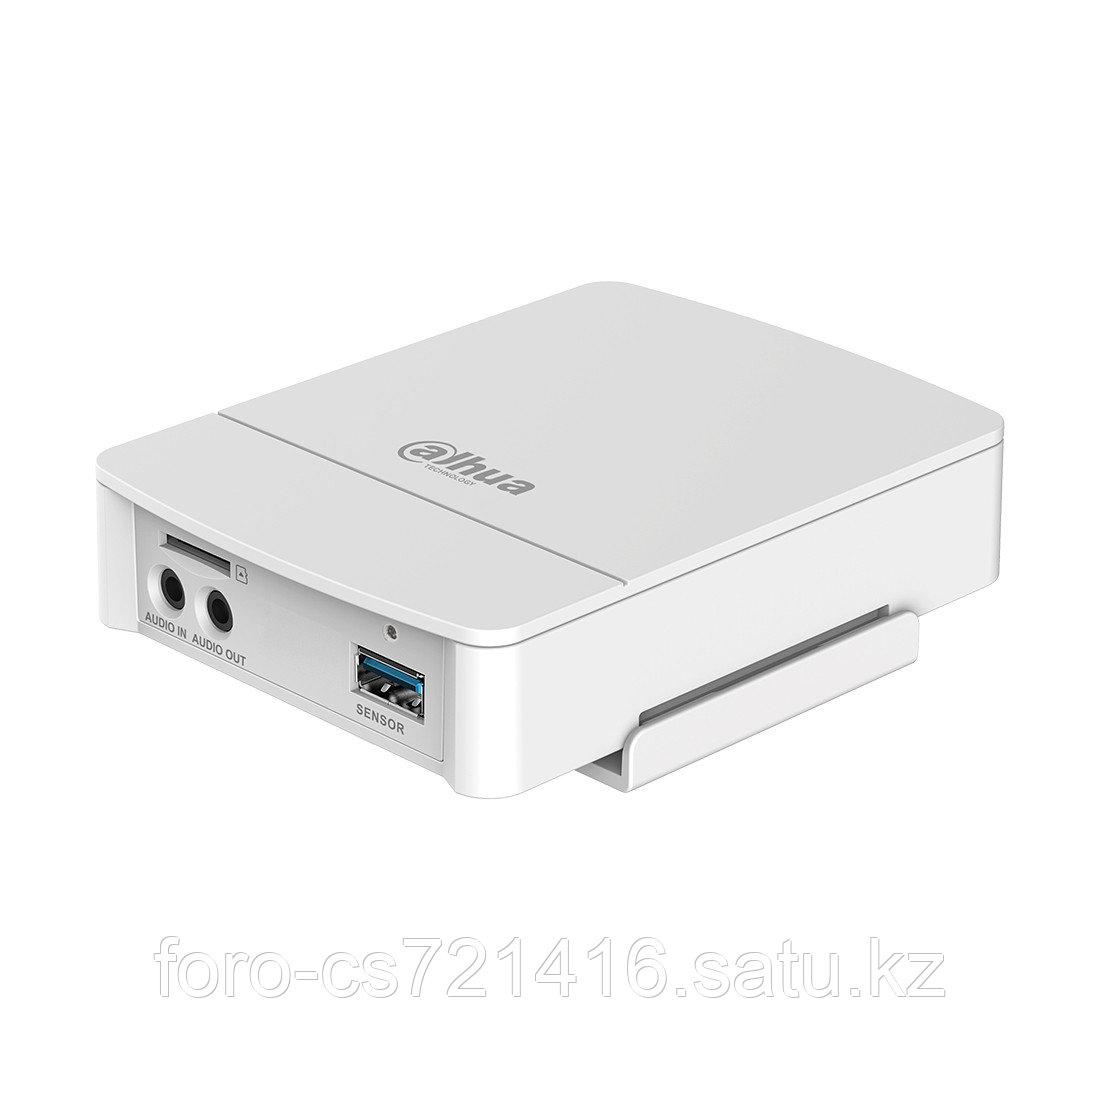 Видеокамера Dahua DH-IPC-HUM8231P-E1